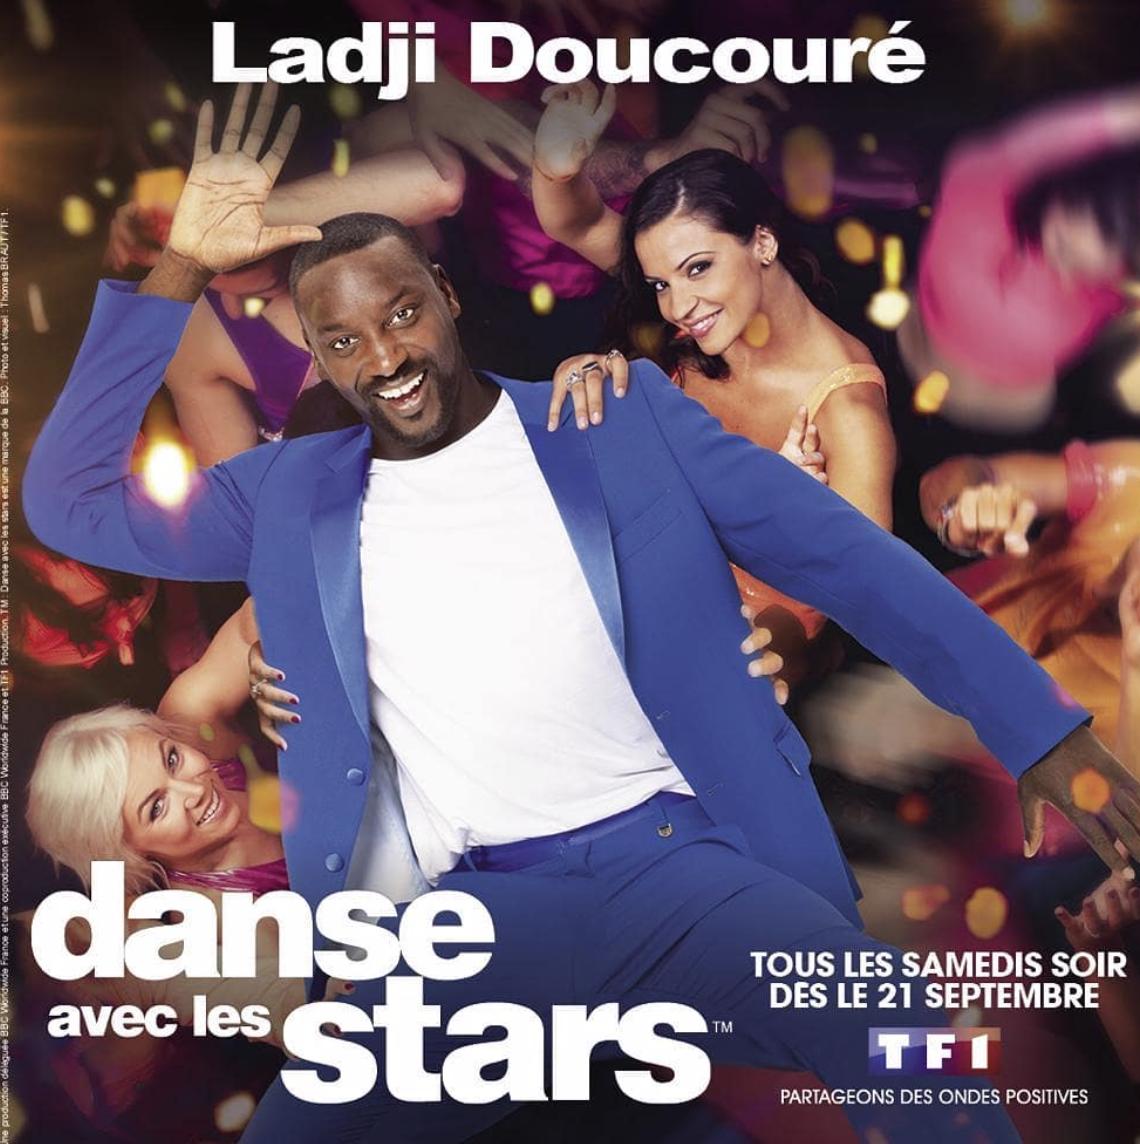 Ladji Doucoure - DALS 10 - DALS - Danse Avec Les Stars 10 - Danse Avec Les Stars - TF1 - Ines Vandamme